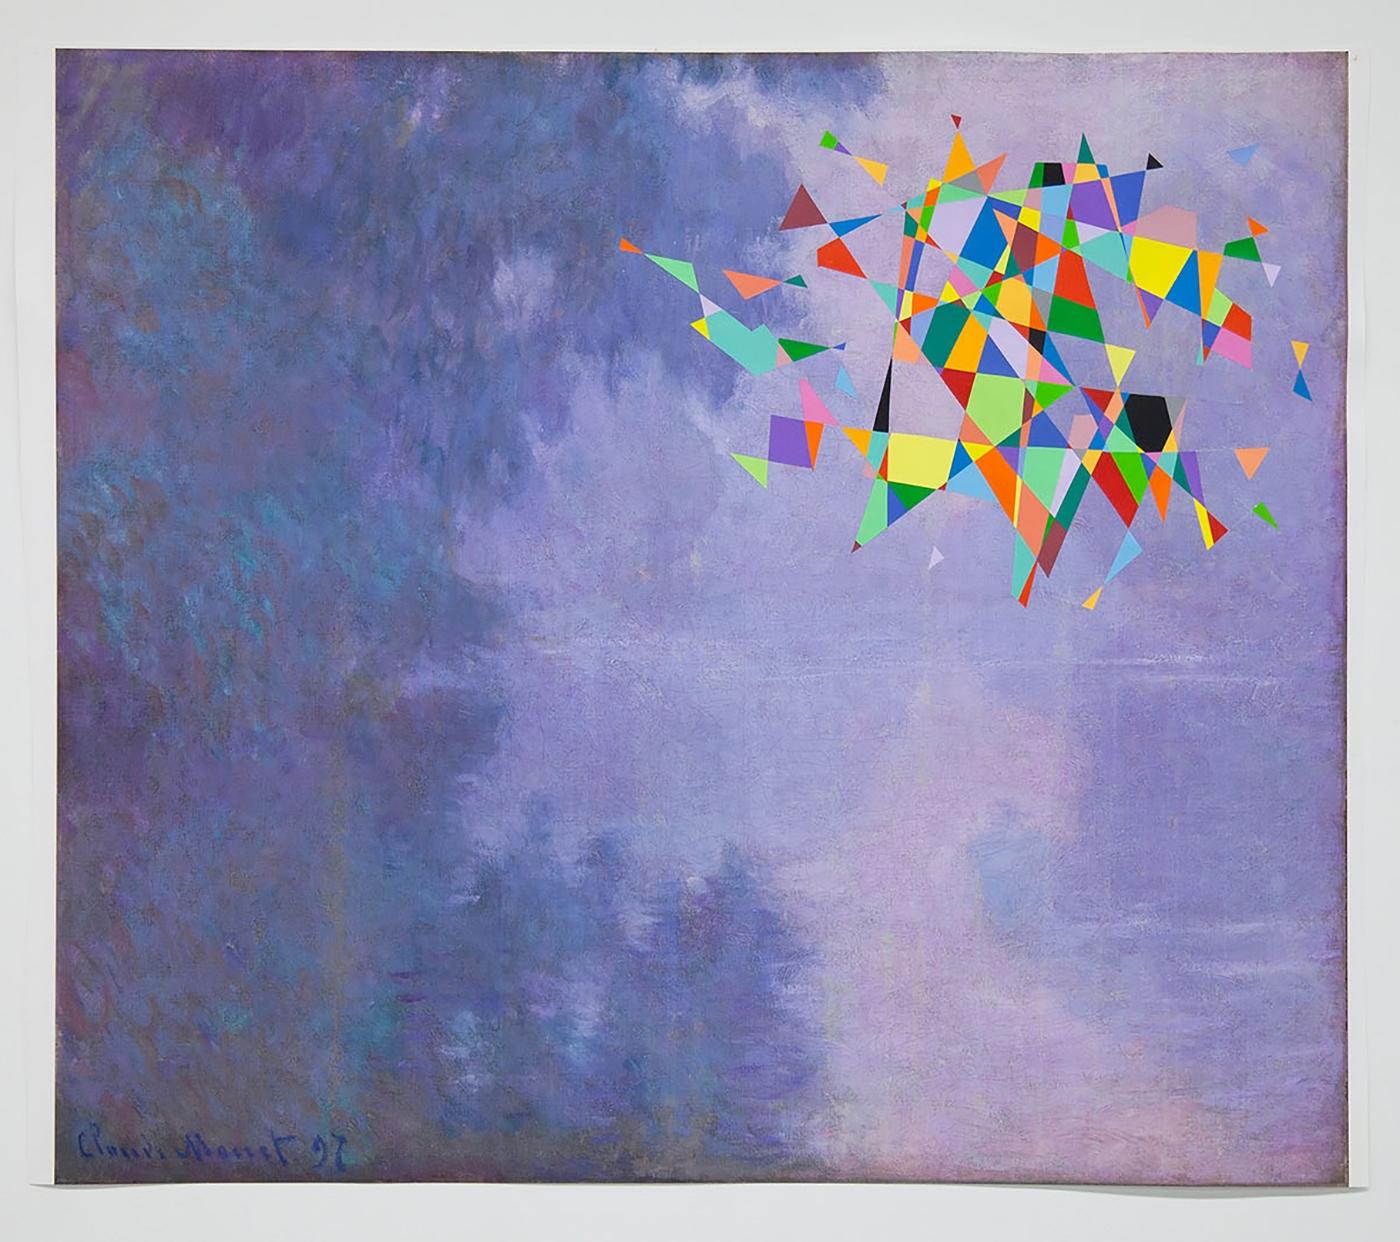 TOM FRIEDMAN, Untitled (Color Monet), 2016